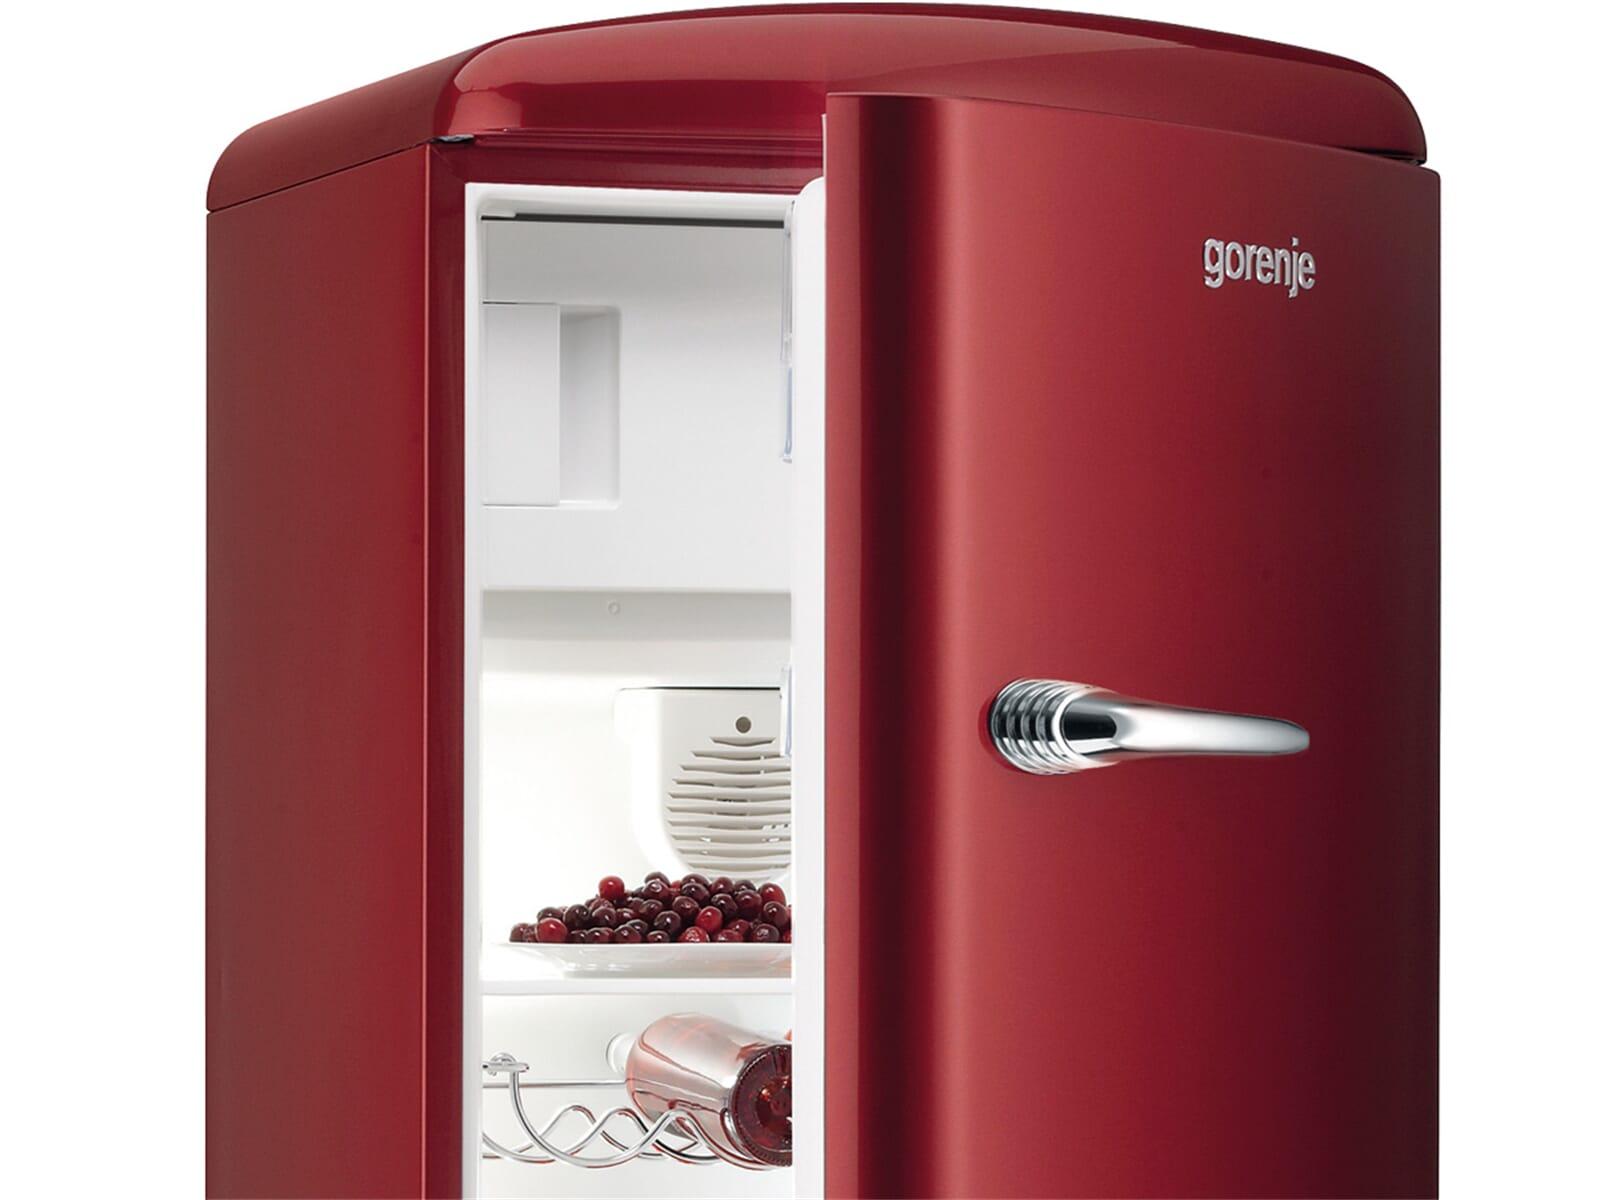 Amerikanischer Kühlschrank Retro Rot : Amerikanischer kühlschrank retro kühlschrank bosch deptis gt